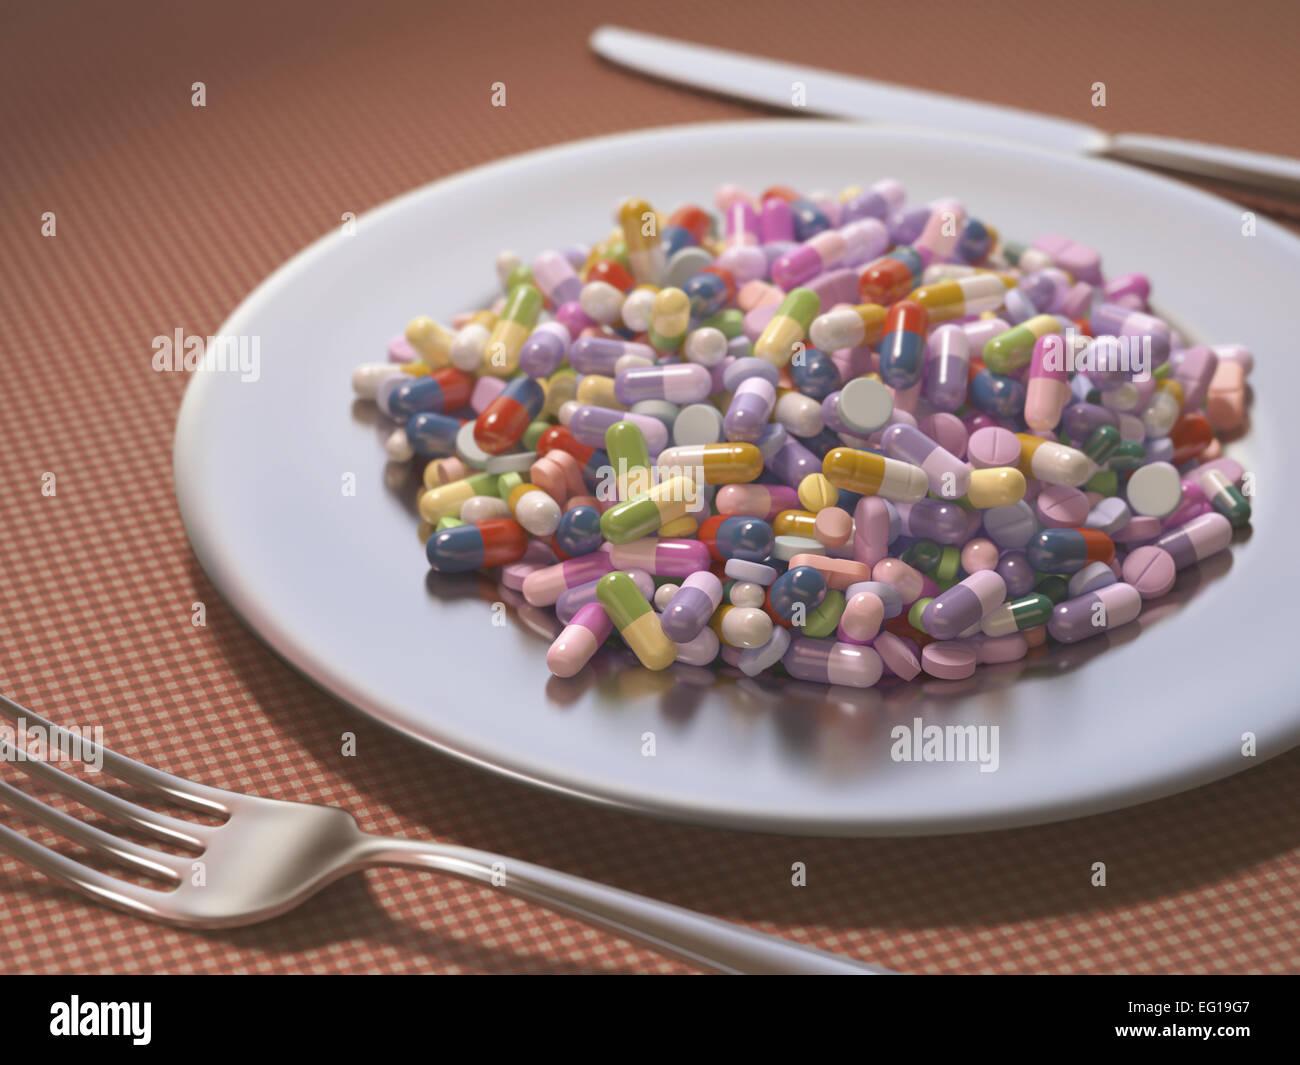 Lave remplis de médicaments et suppléments au lieu de la nourriture. Photo Stock